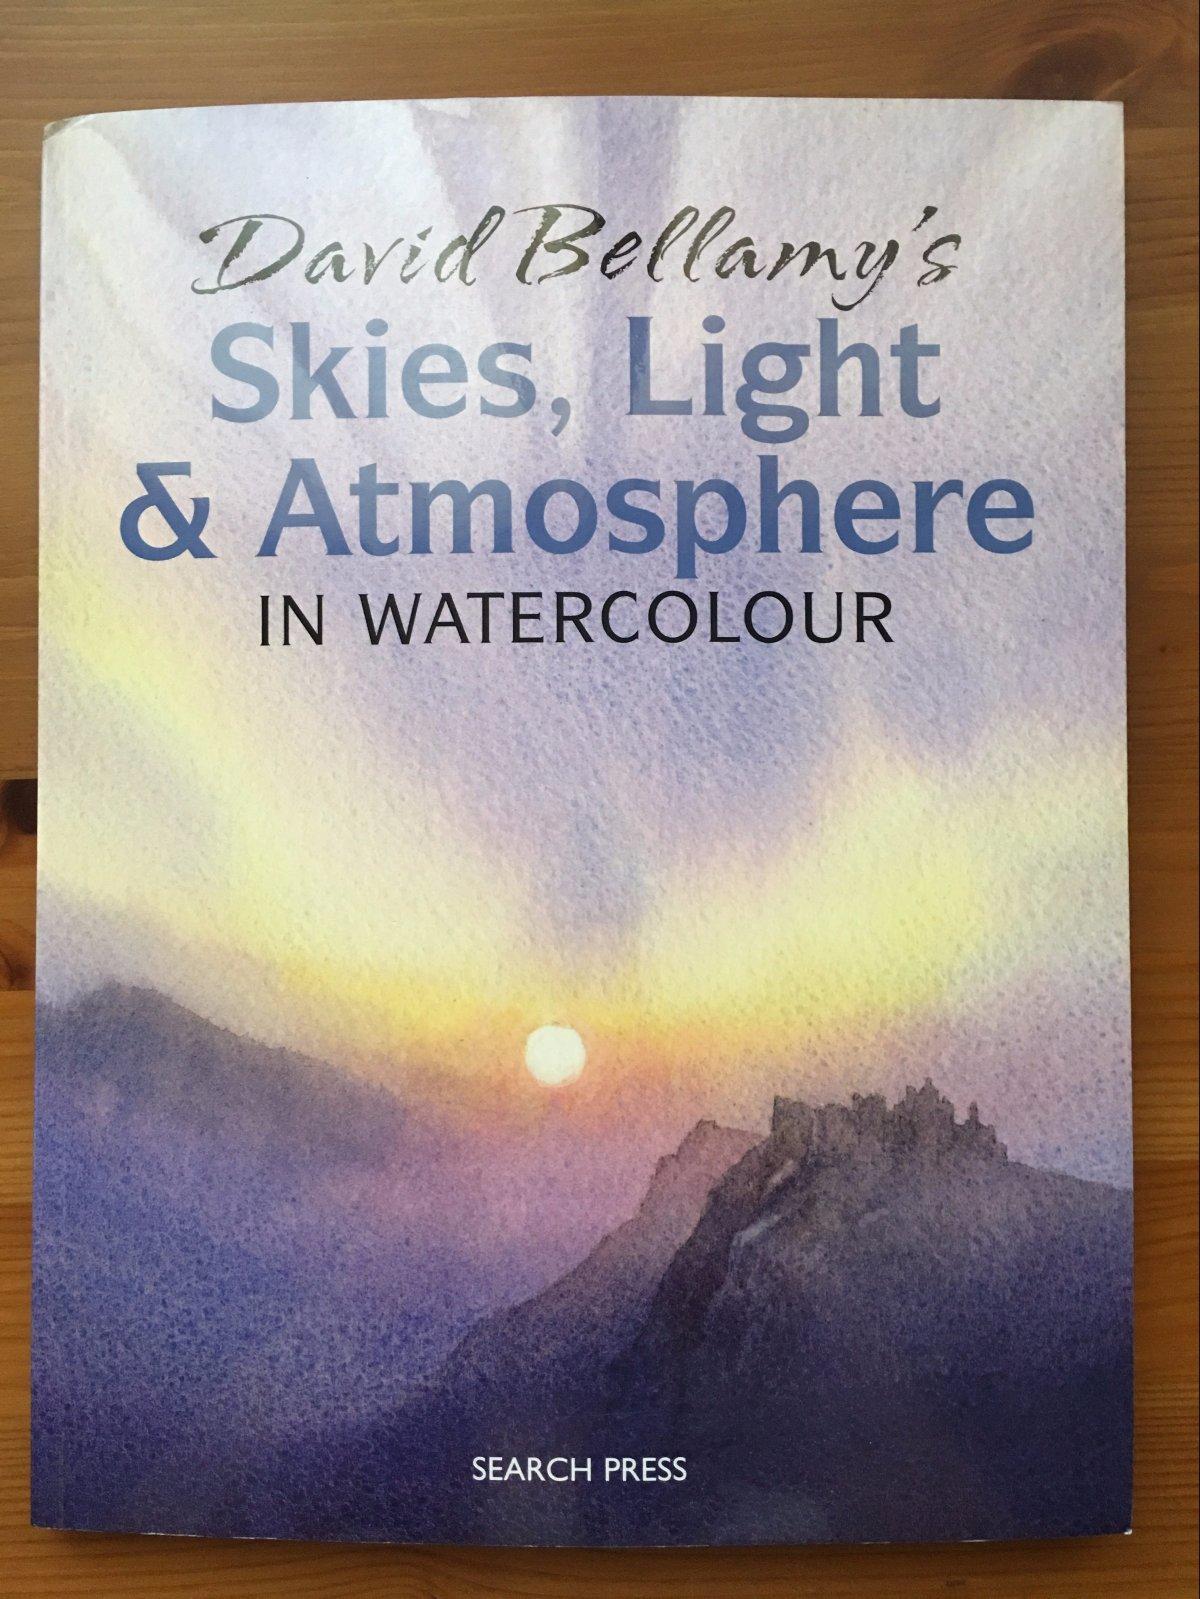 David Bellamy's skies, light & atmosphere in watercolour painting